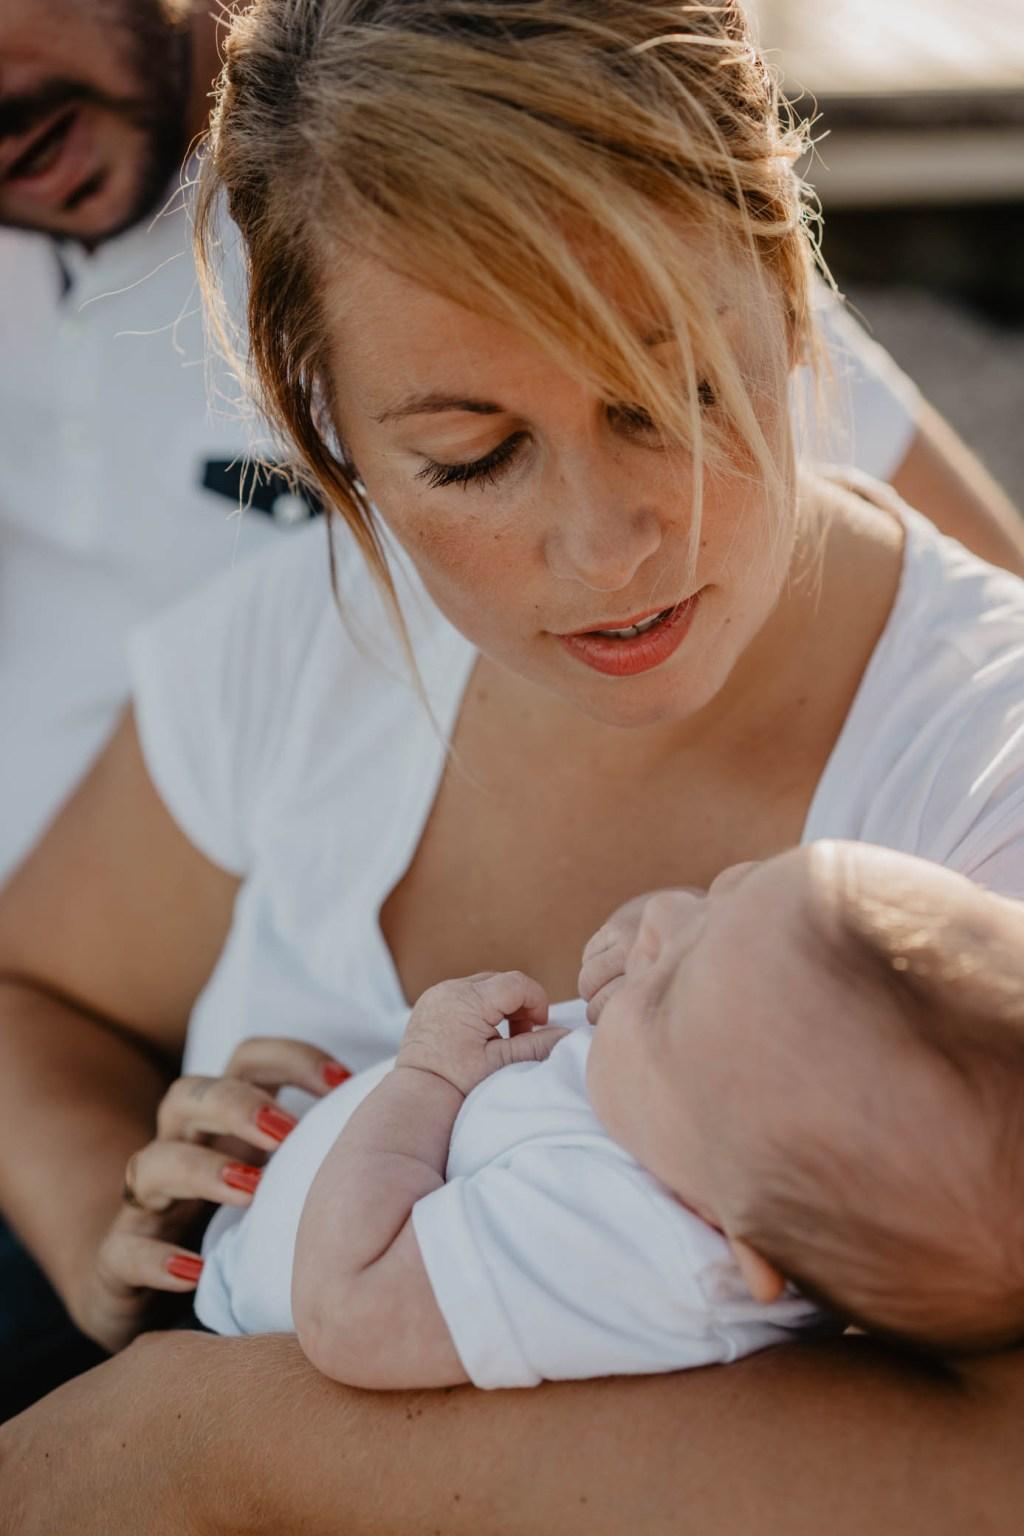 Séance photo portrait de famille - maman et bébé